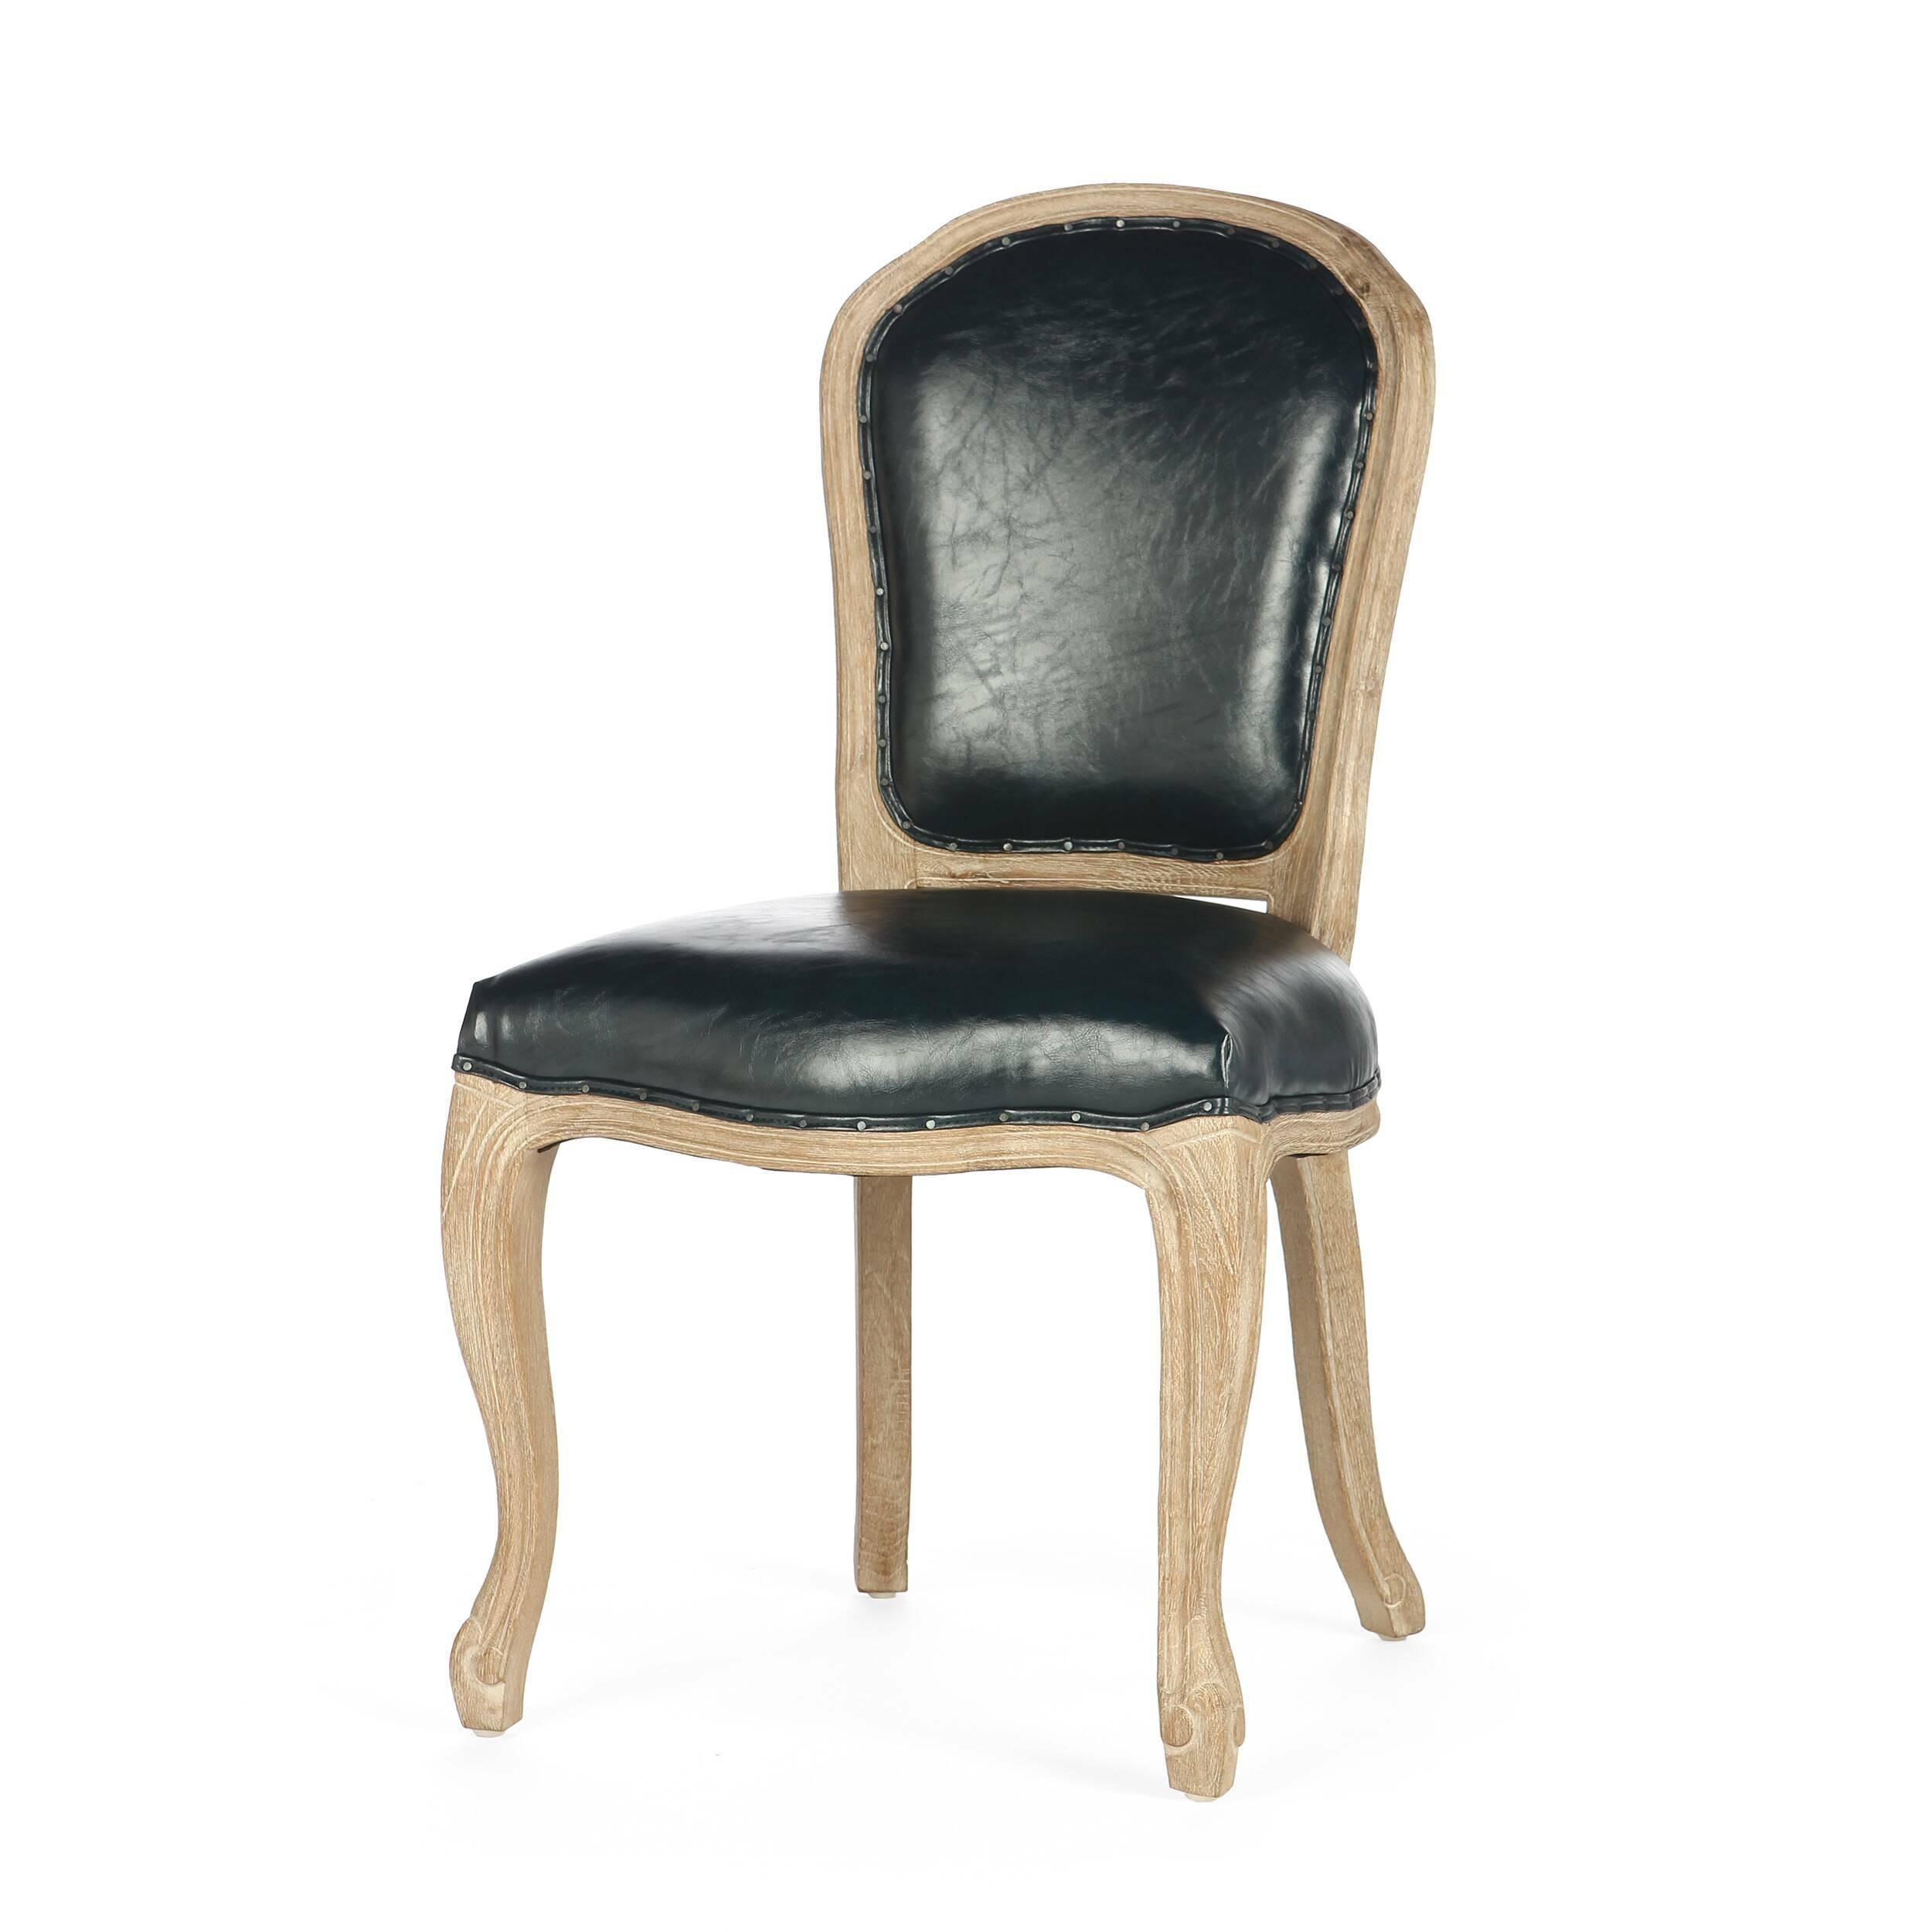 Стул LesterИнтерьерные<br>Дизайнерский классический стул Lester (Лестер) из состаренного массива дуба с кожаным черным сиденьем и спинкой от Cosmo (Космо).<br>Как просто создать роскошный и утонченный интерьер со стульями в викторианском стиле от компании Cosmo! Приметный дизайн и искусное исполнение оставляют больше впечатление, ведь мебель изготовлена в лучших традициях направления руками знающих свое дело столяров. <br> <br> Стул Lester — это классический стул в викторианском стиле. Оригинальная форма ножек, спинки и кар...<br><br>stock: 26<br>Высота: 97<br>Высота сиденья: 51<br>Ширина: 53<br>Глубина: 60<br>Наполнитель: Пена<br>Материал каркаса: Состаренный массив дуба<br>Тип материала каркаса: Дерево<br>Материал сидения: Полиуретан<br>Цвет сидения: Темно-синий<br>Тип материала сидения: Кожа искусственная<br>Цвет каркаса: Дуб